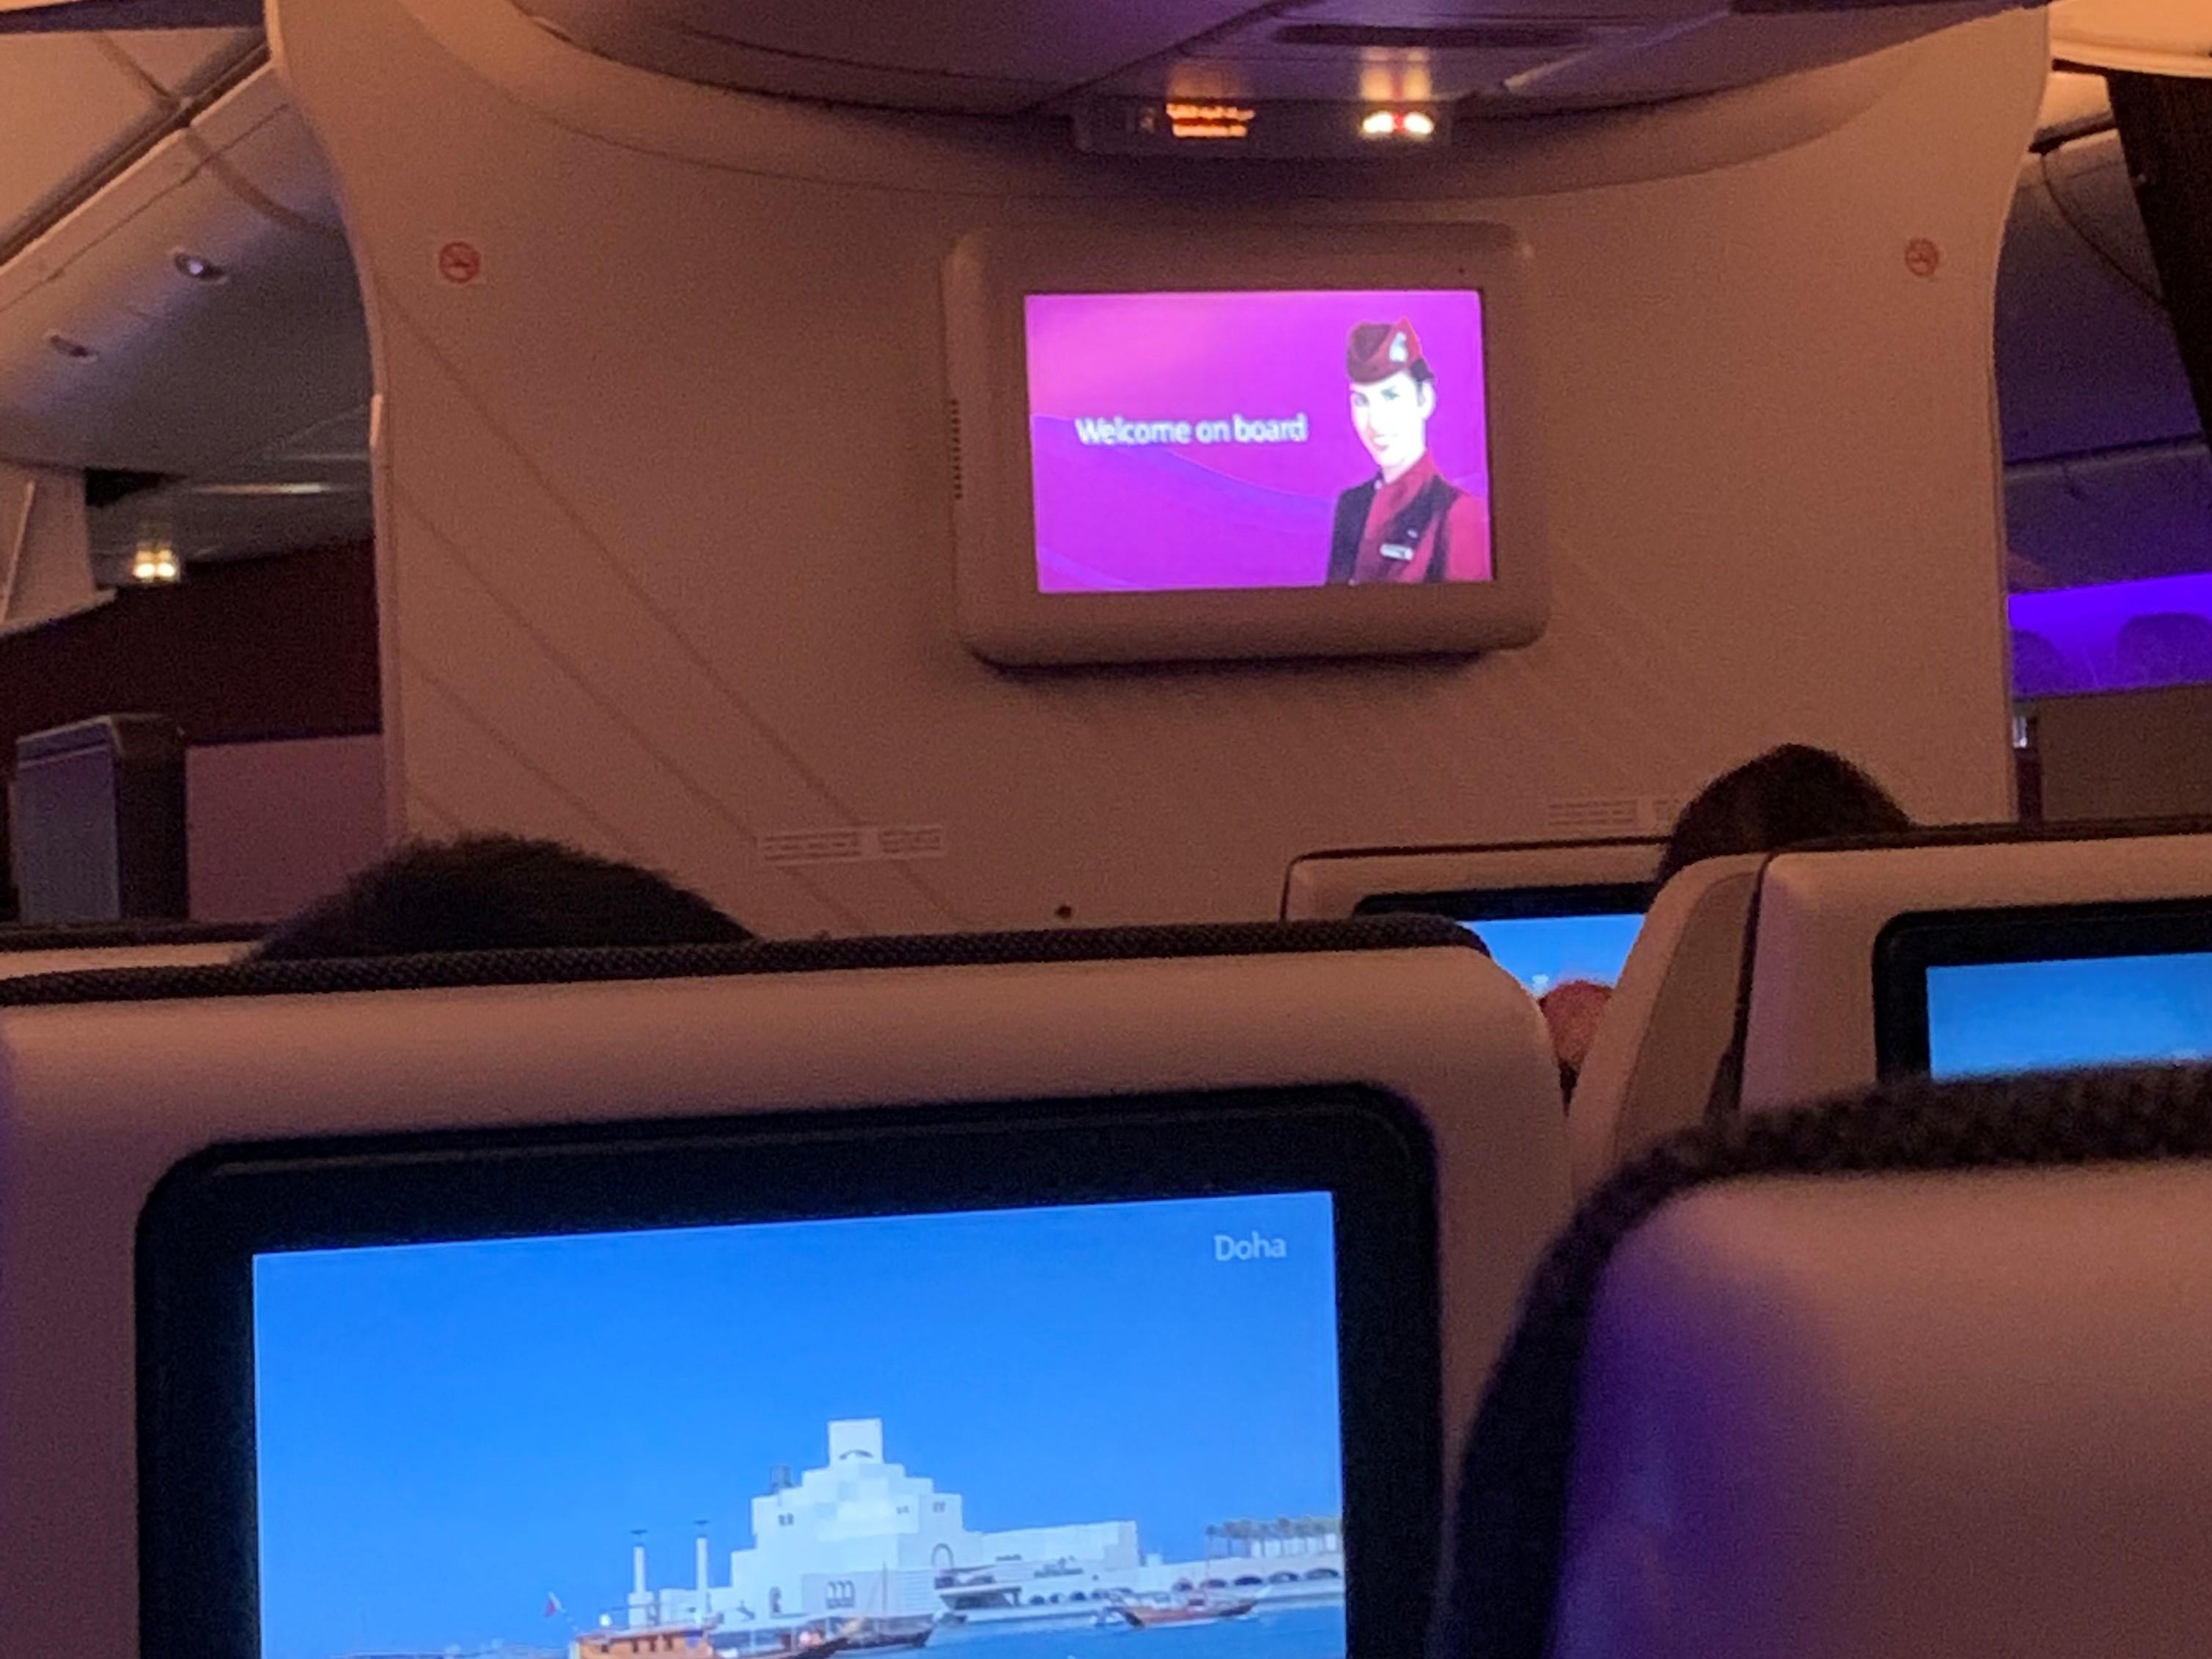 機内の画面に映る客室乗務員